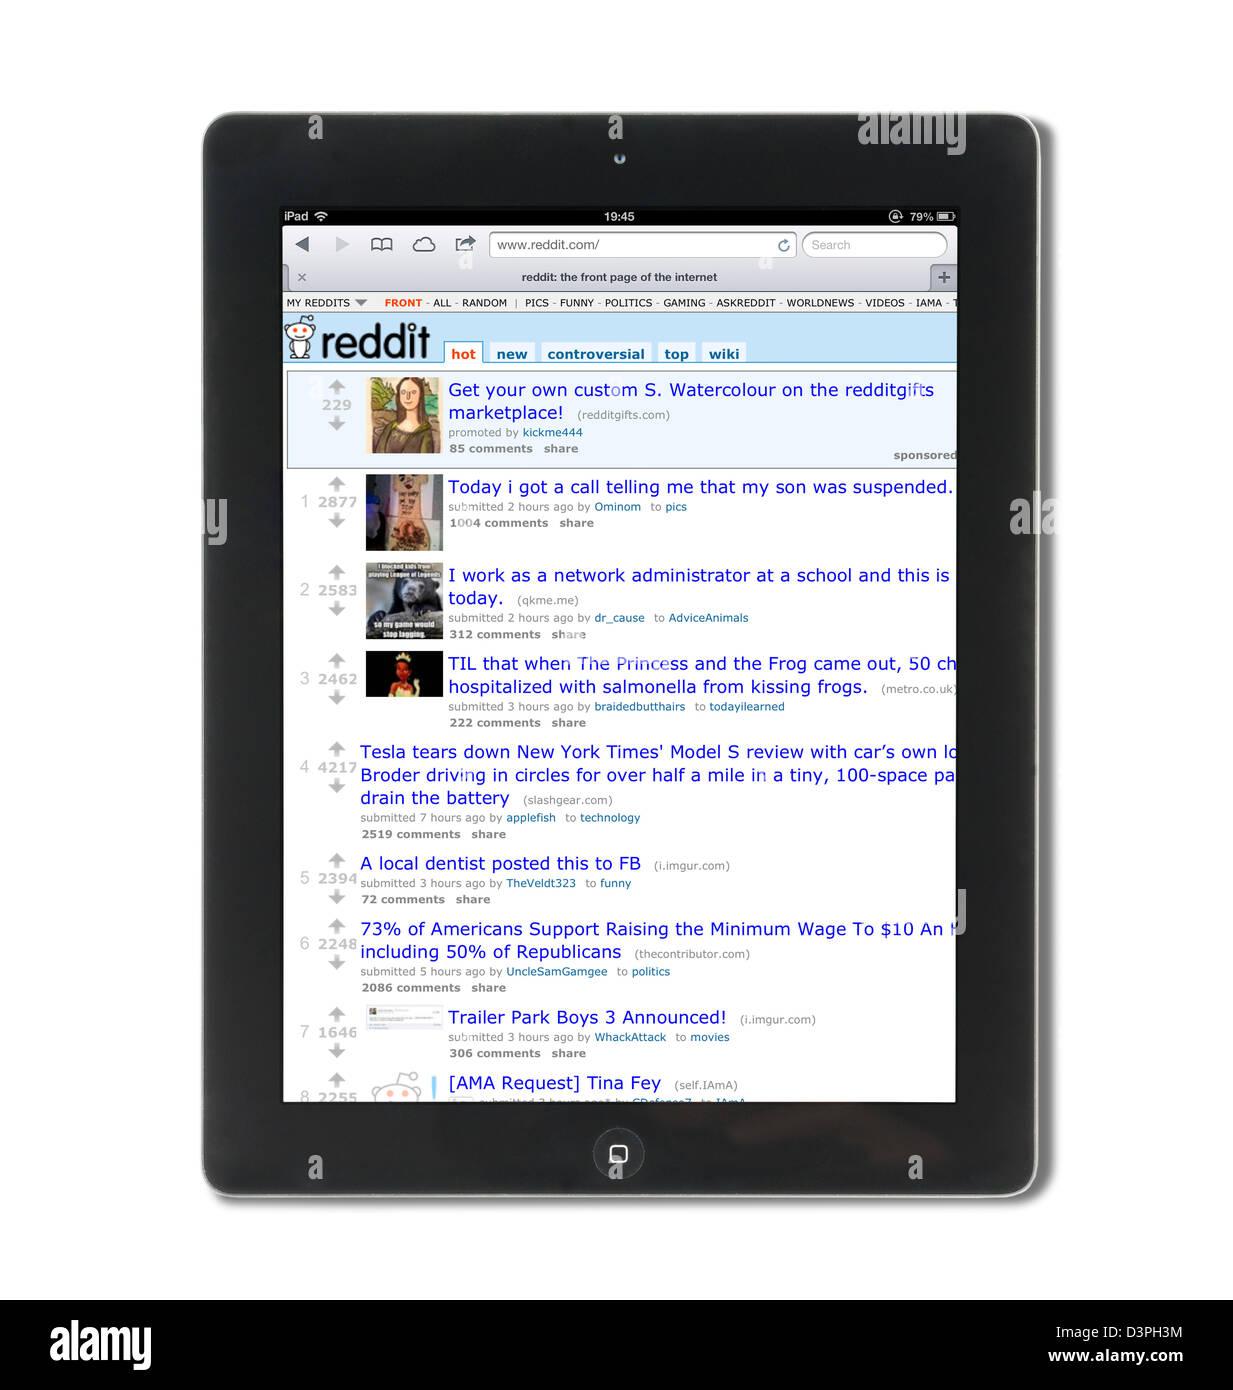 Reddit, le site d'actualités et de divertissement social, vue sur une 4ème génération d'Apple Photo Stock